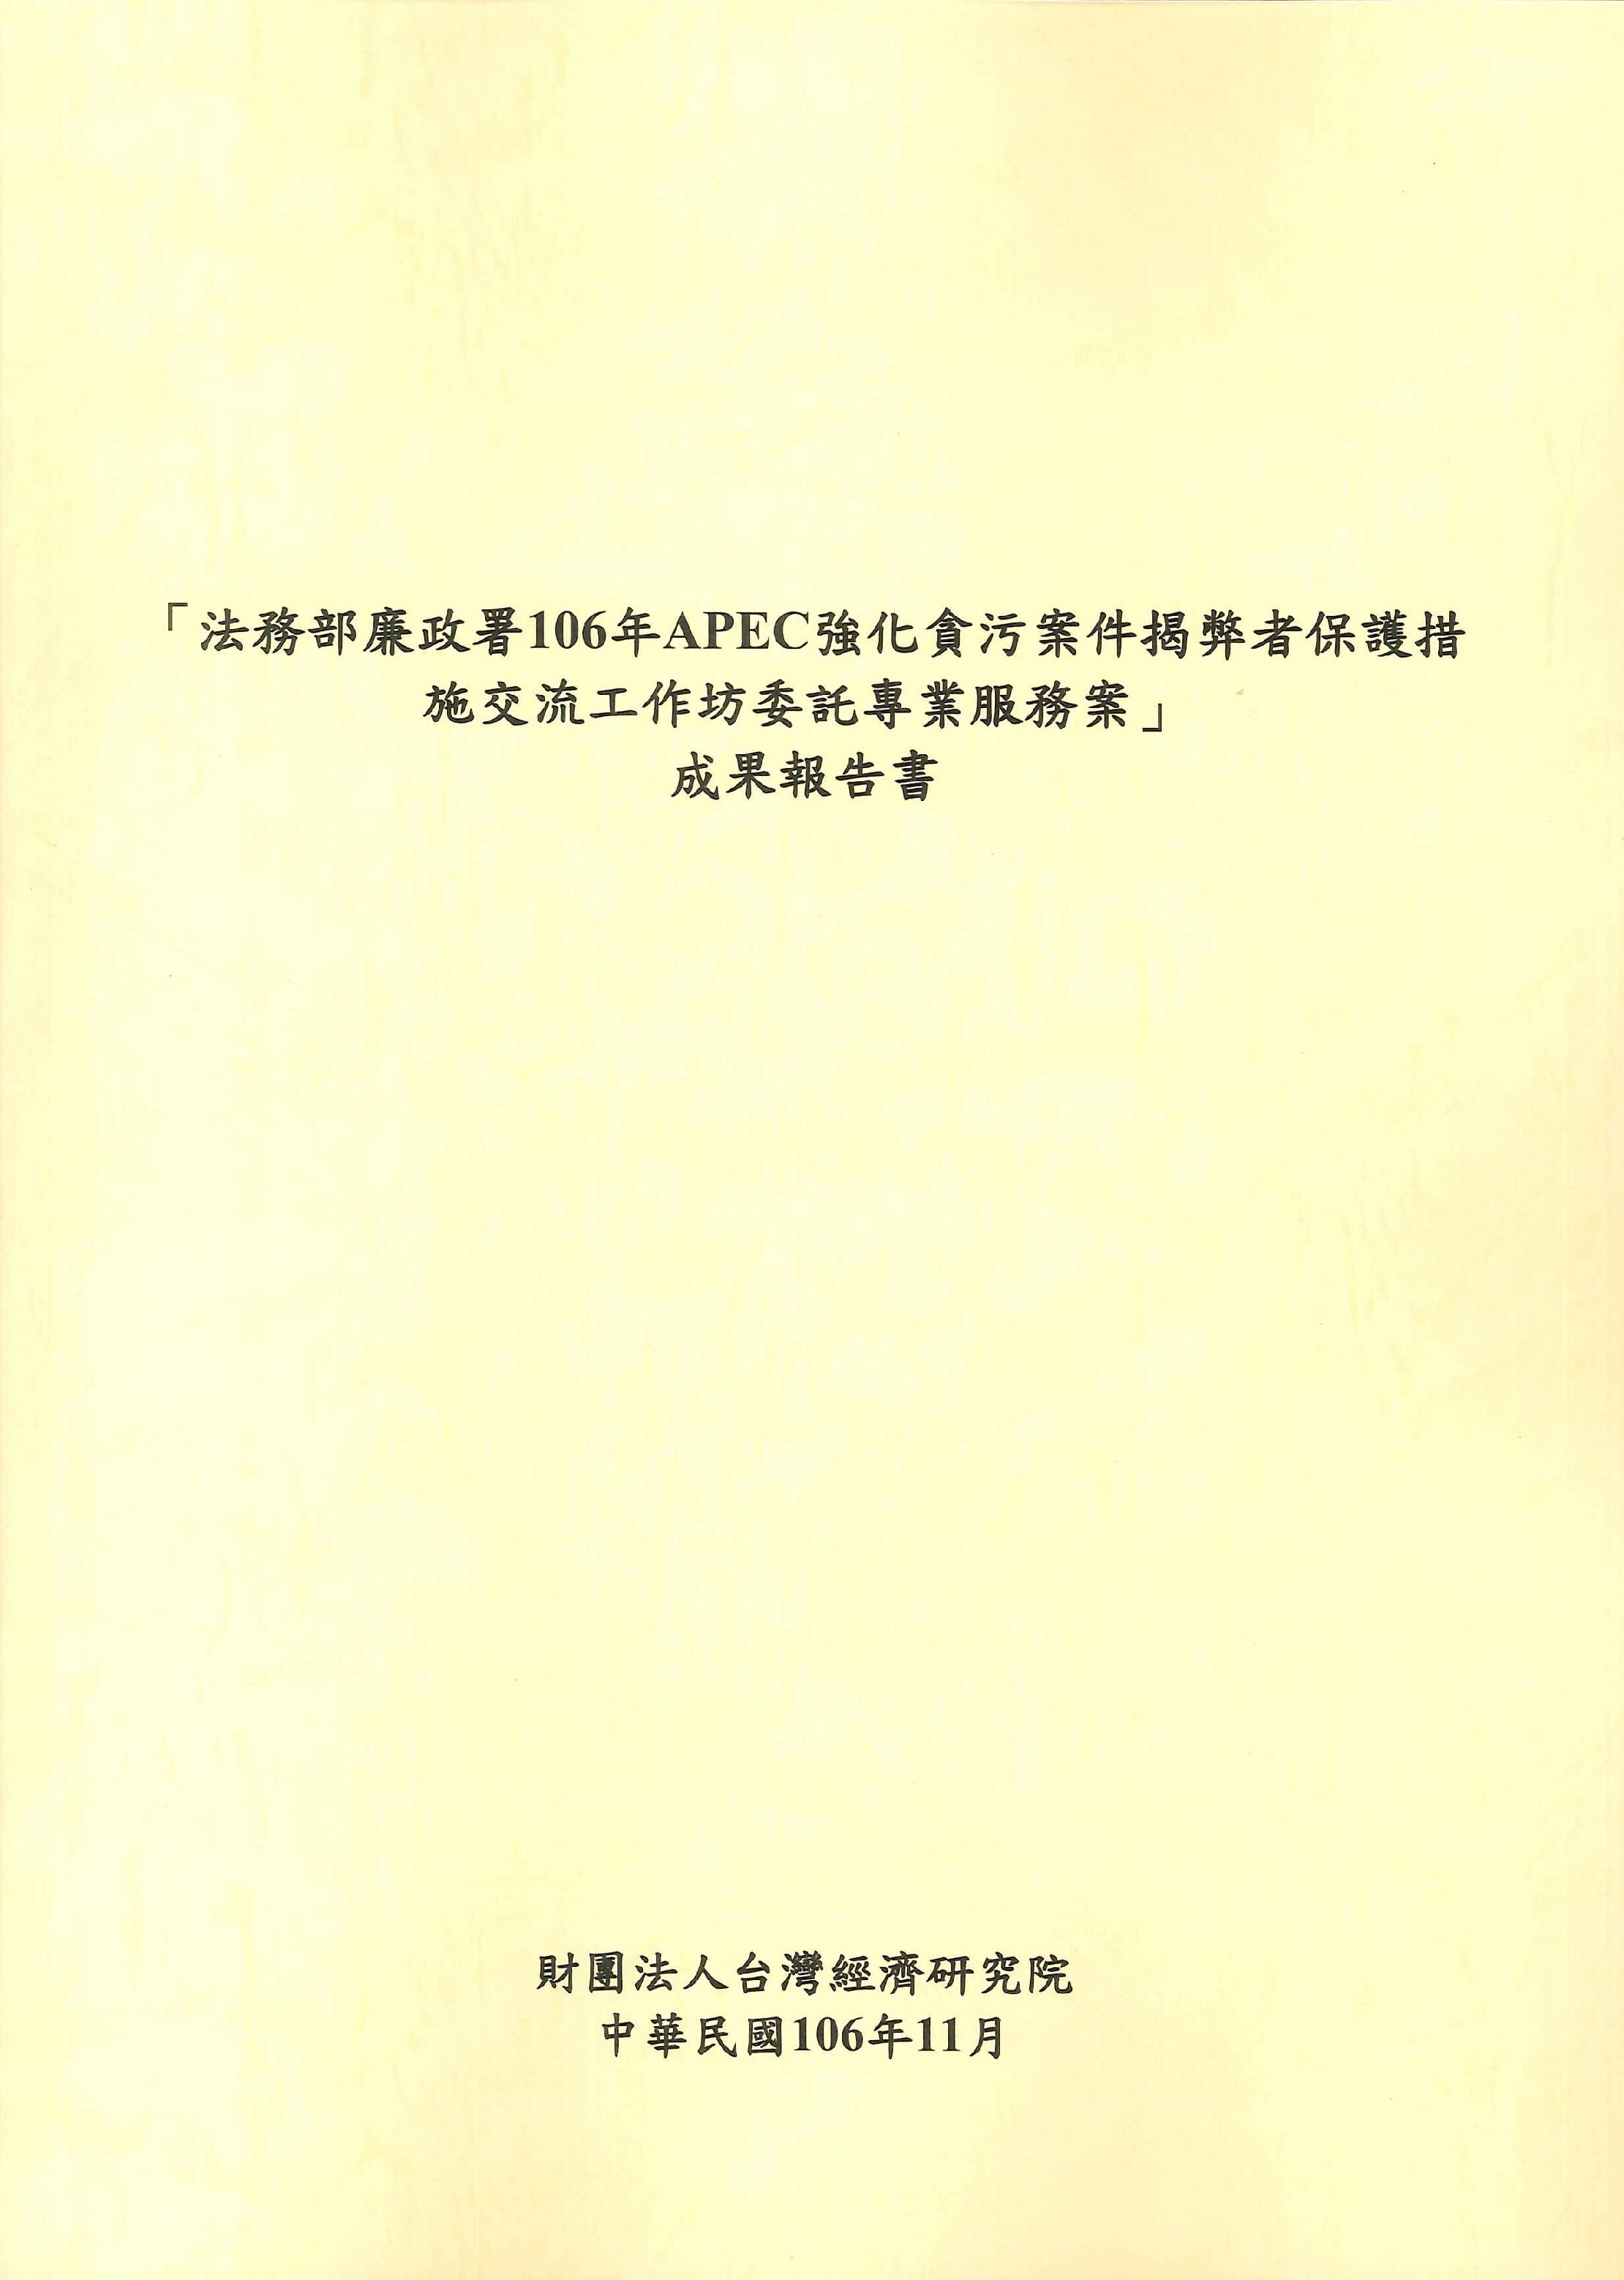 「法務部廉政署106年APEC強化貪污案件揭弊者保護措施交流工作坊委託專業服務案」成果報告書